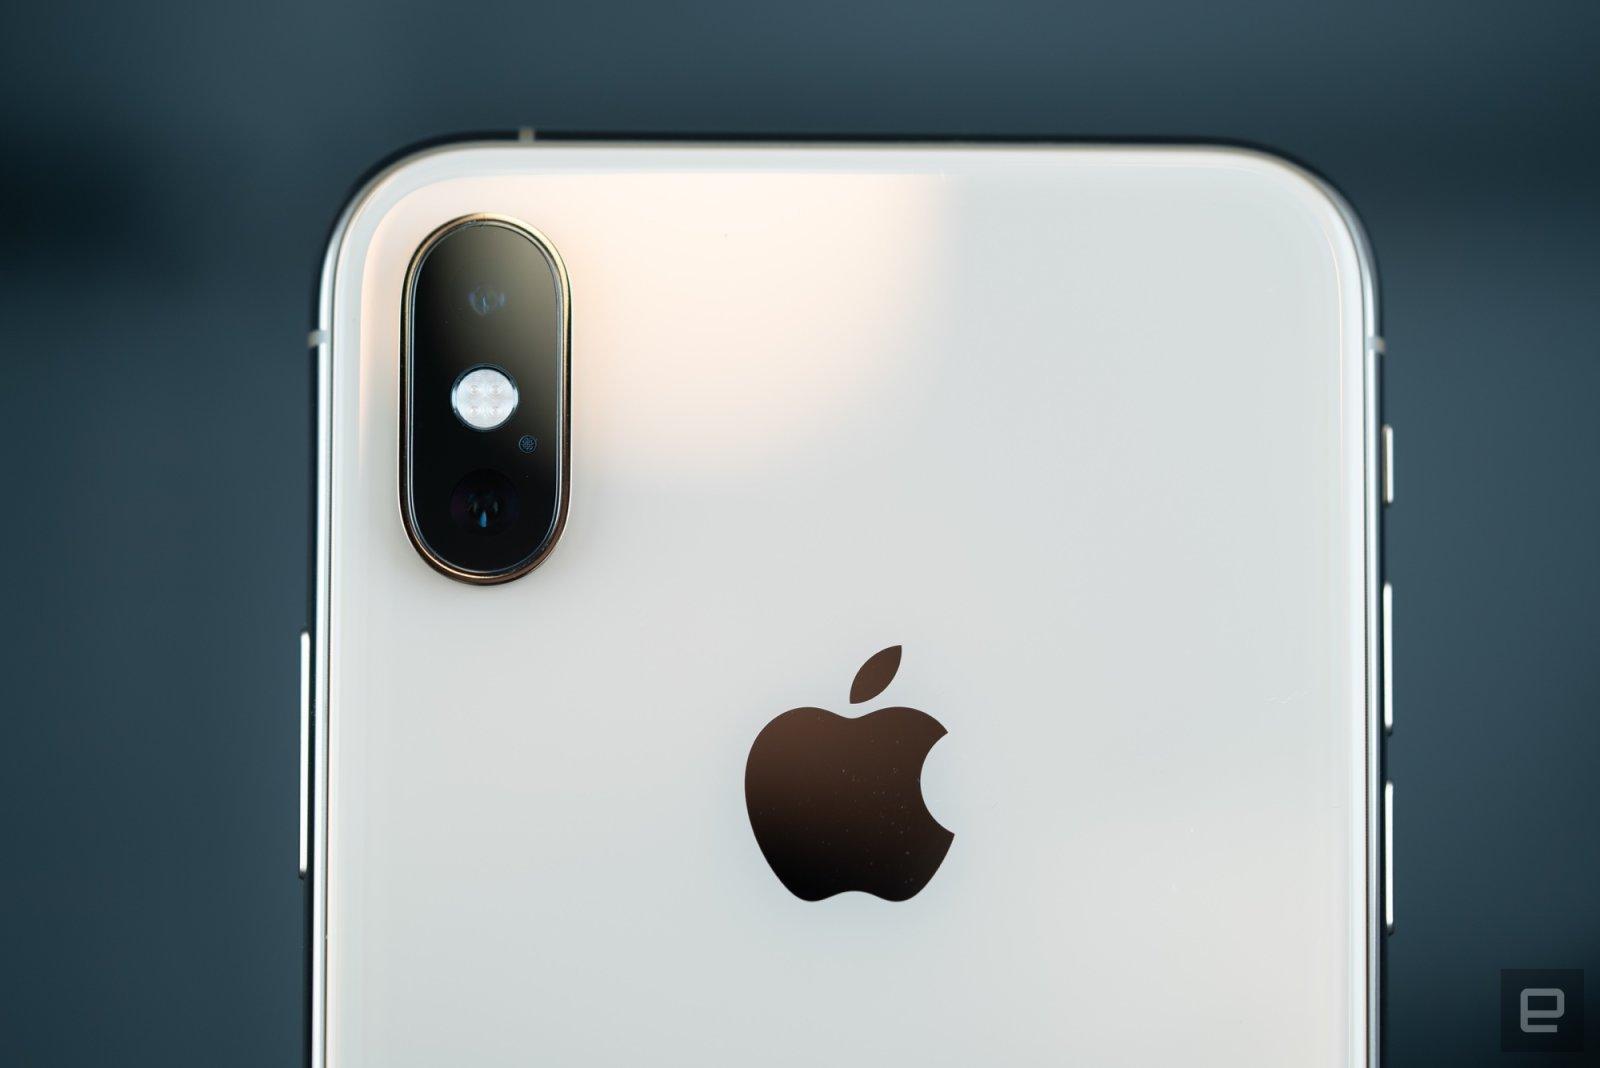 苹果正开发一种新型3D激光扫描技术 有望在2020年在iPhone上搭载